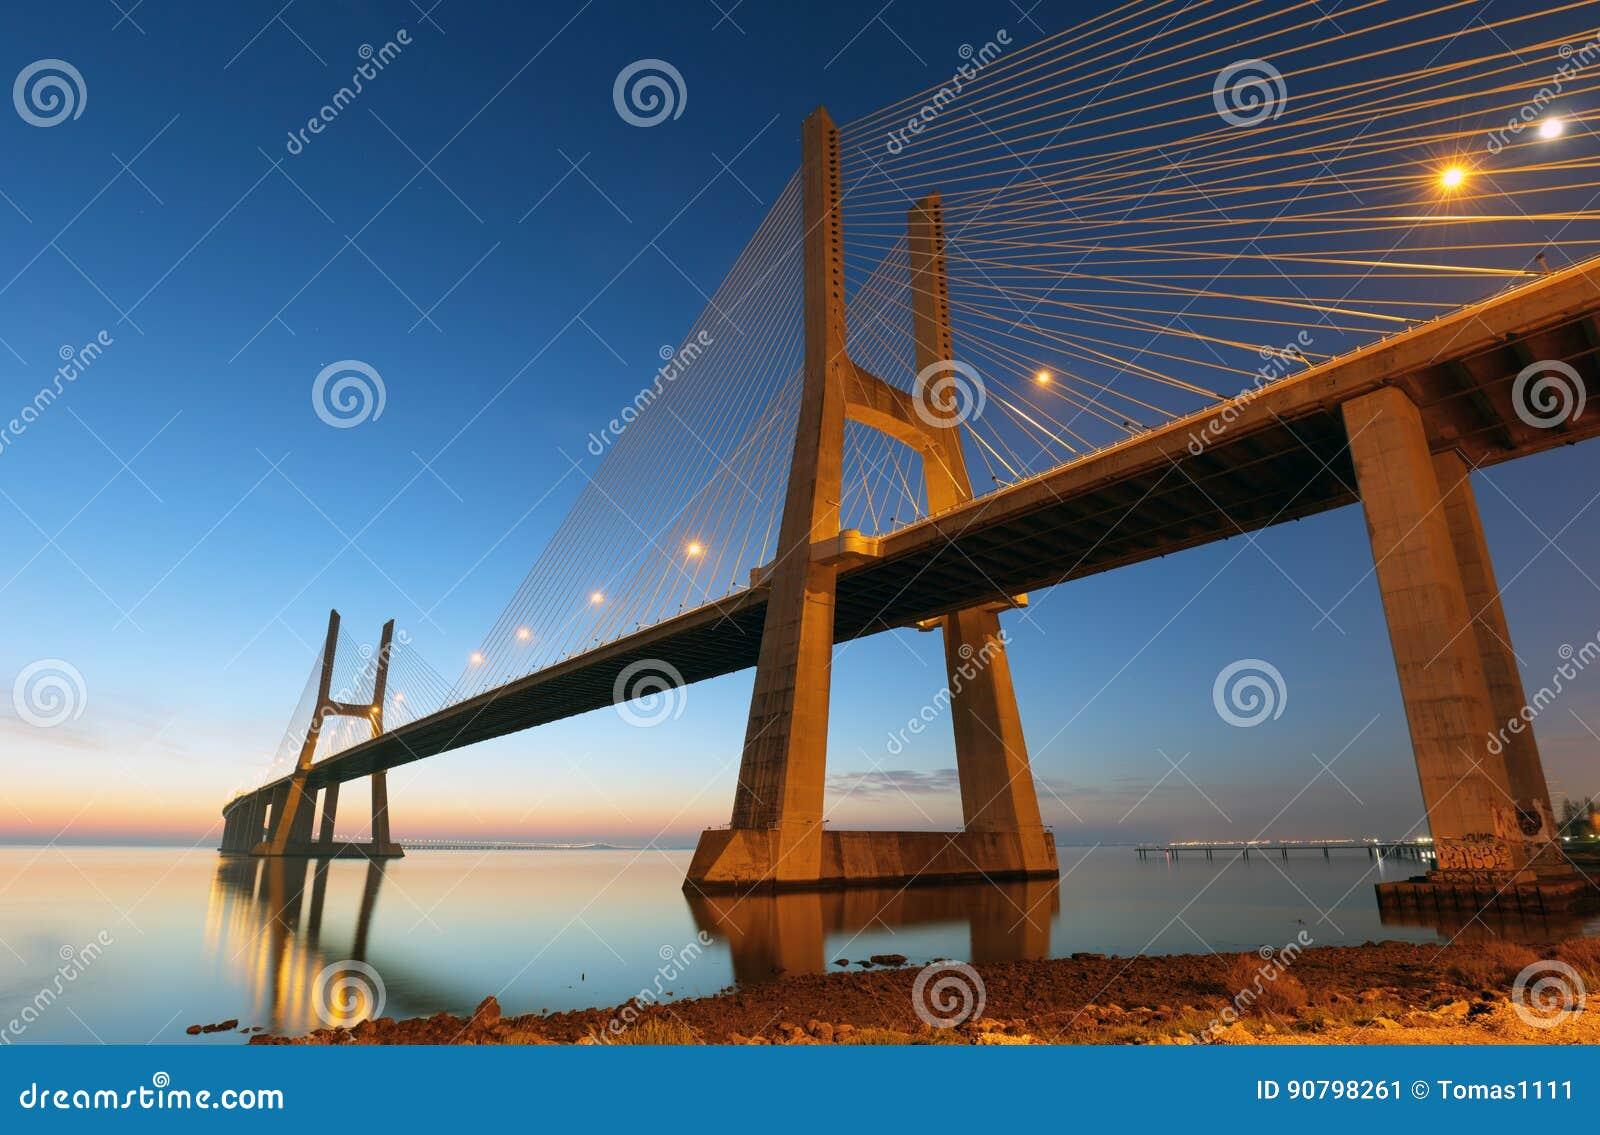 Γέφυρα Λισσαβώνα στην ανατολή, γάμμα της Πορτογαλίας - του Vasco DA